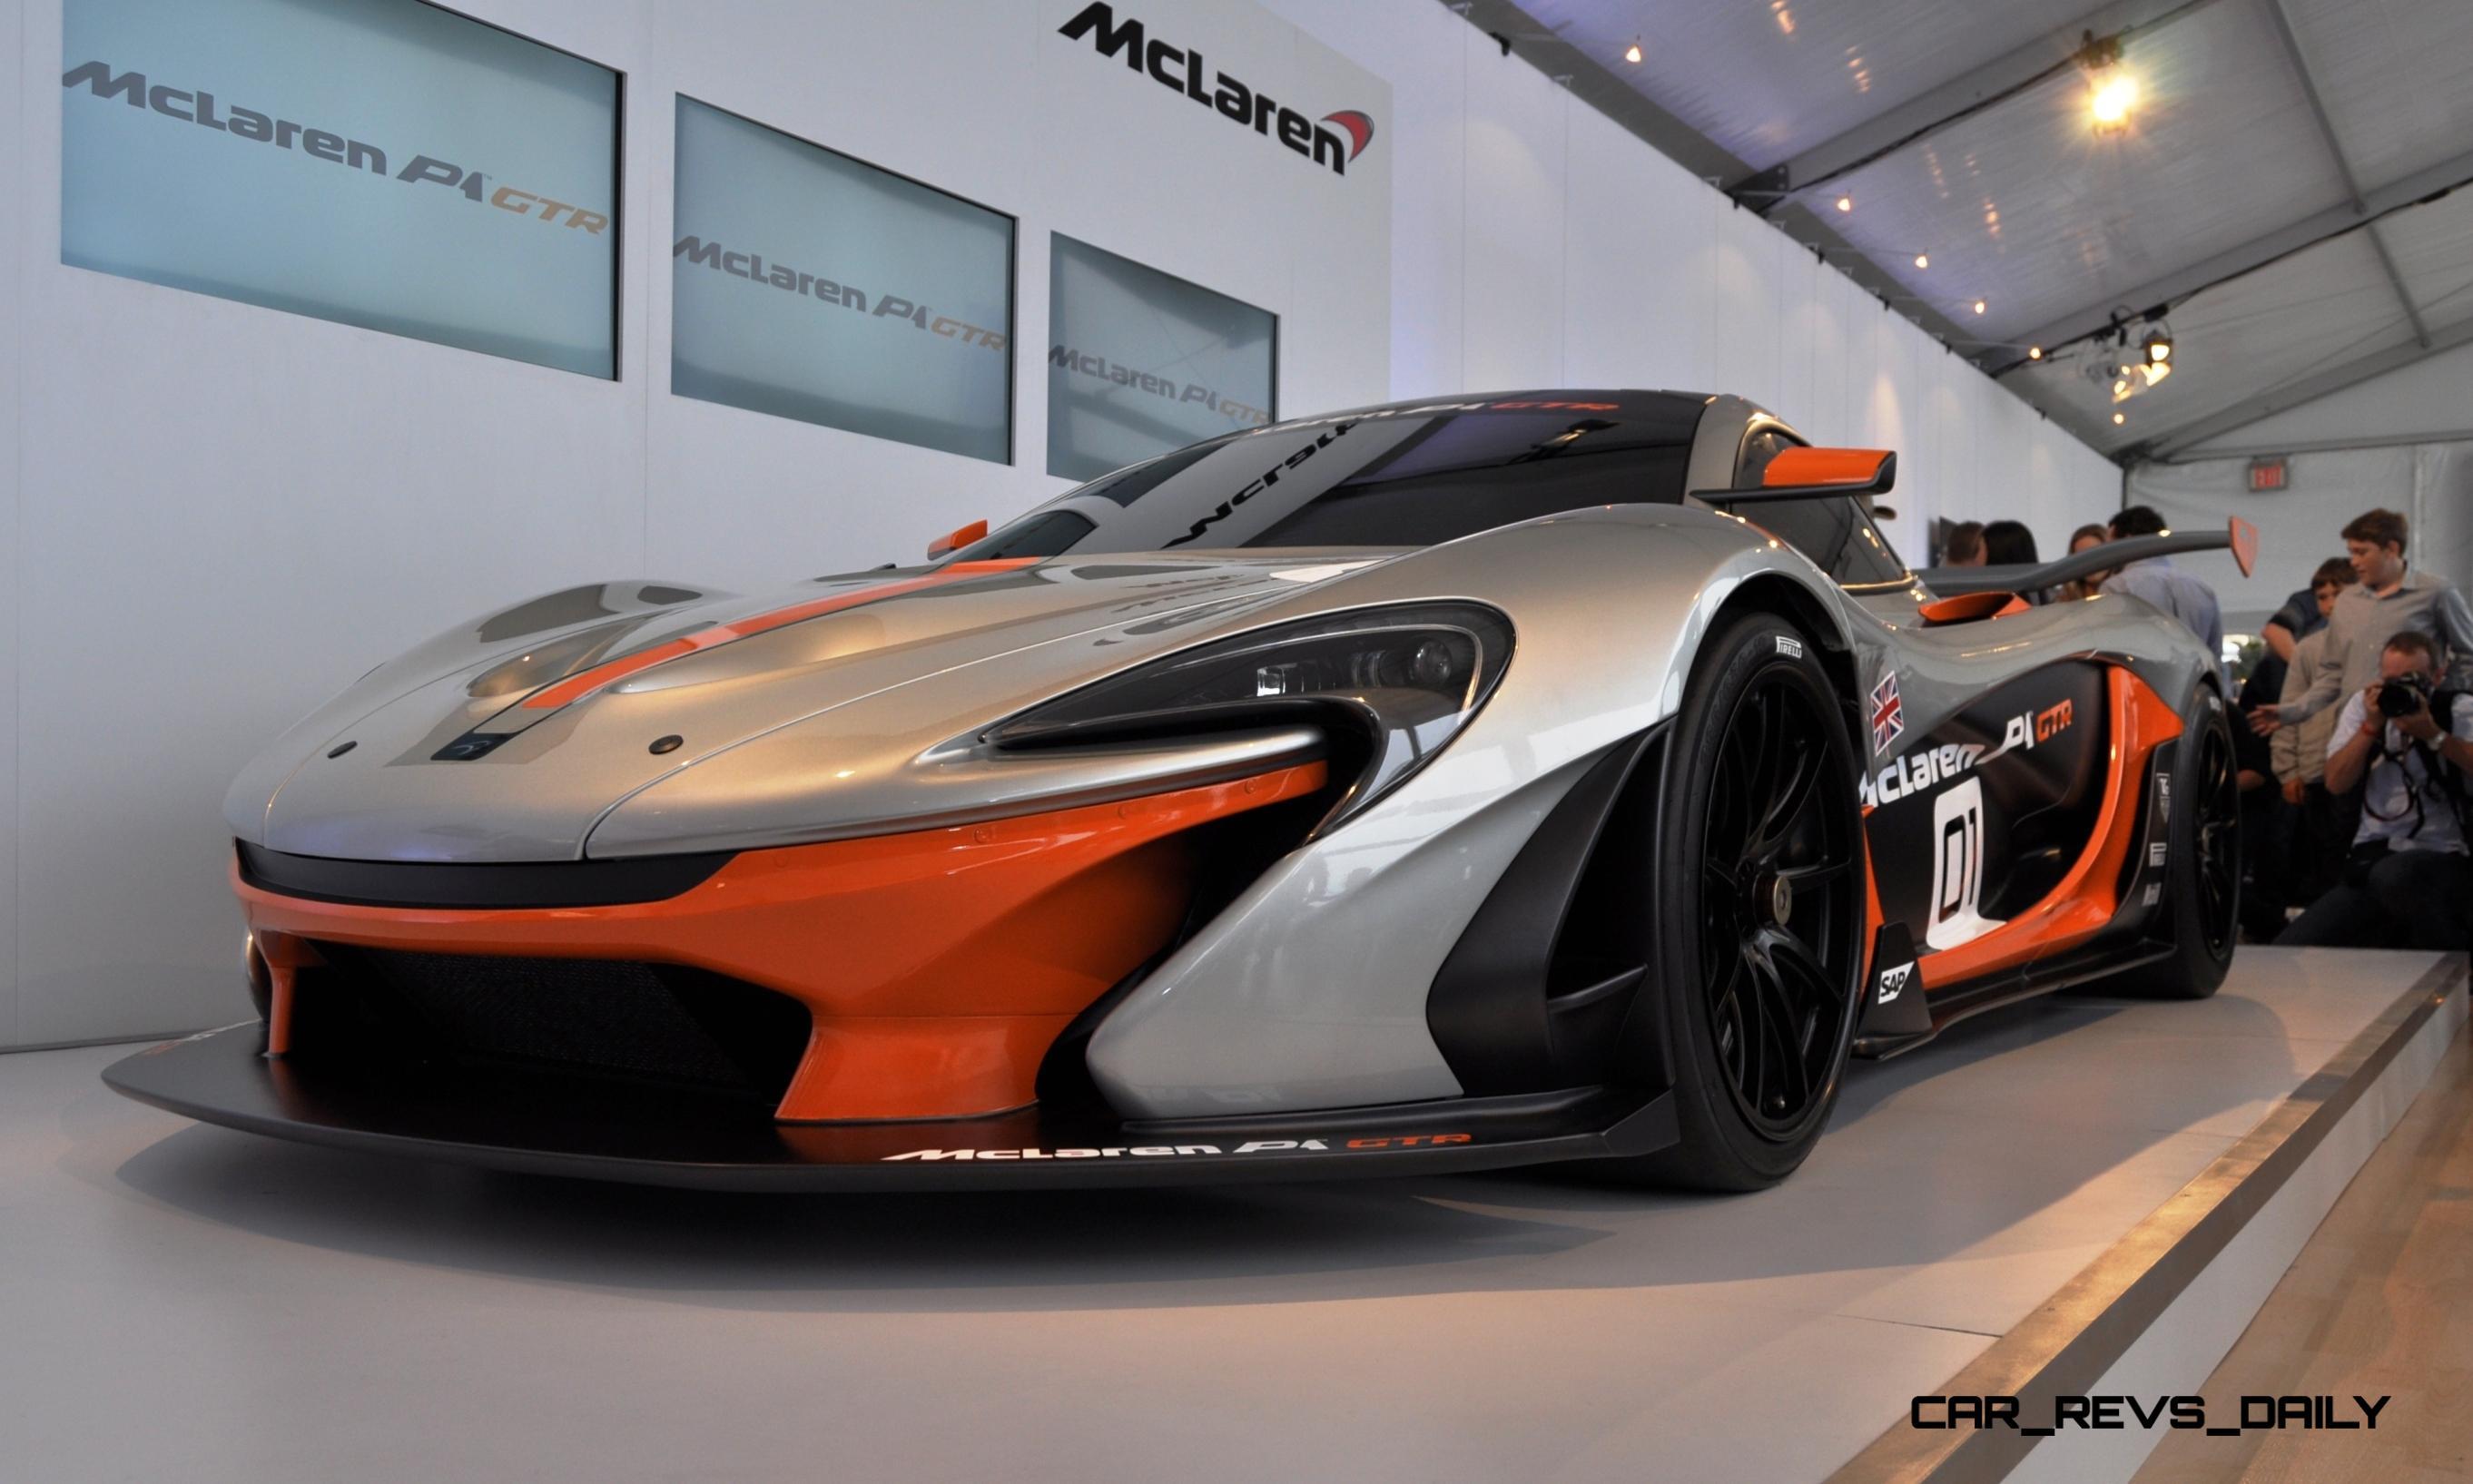 2015 McLaren P1 GTR - Pebble Beach World Debut in 55 High-Res Photos 24